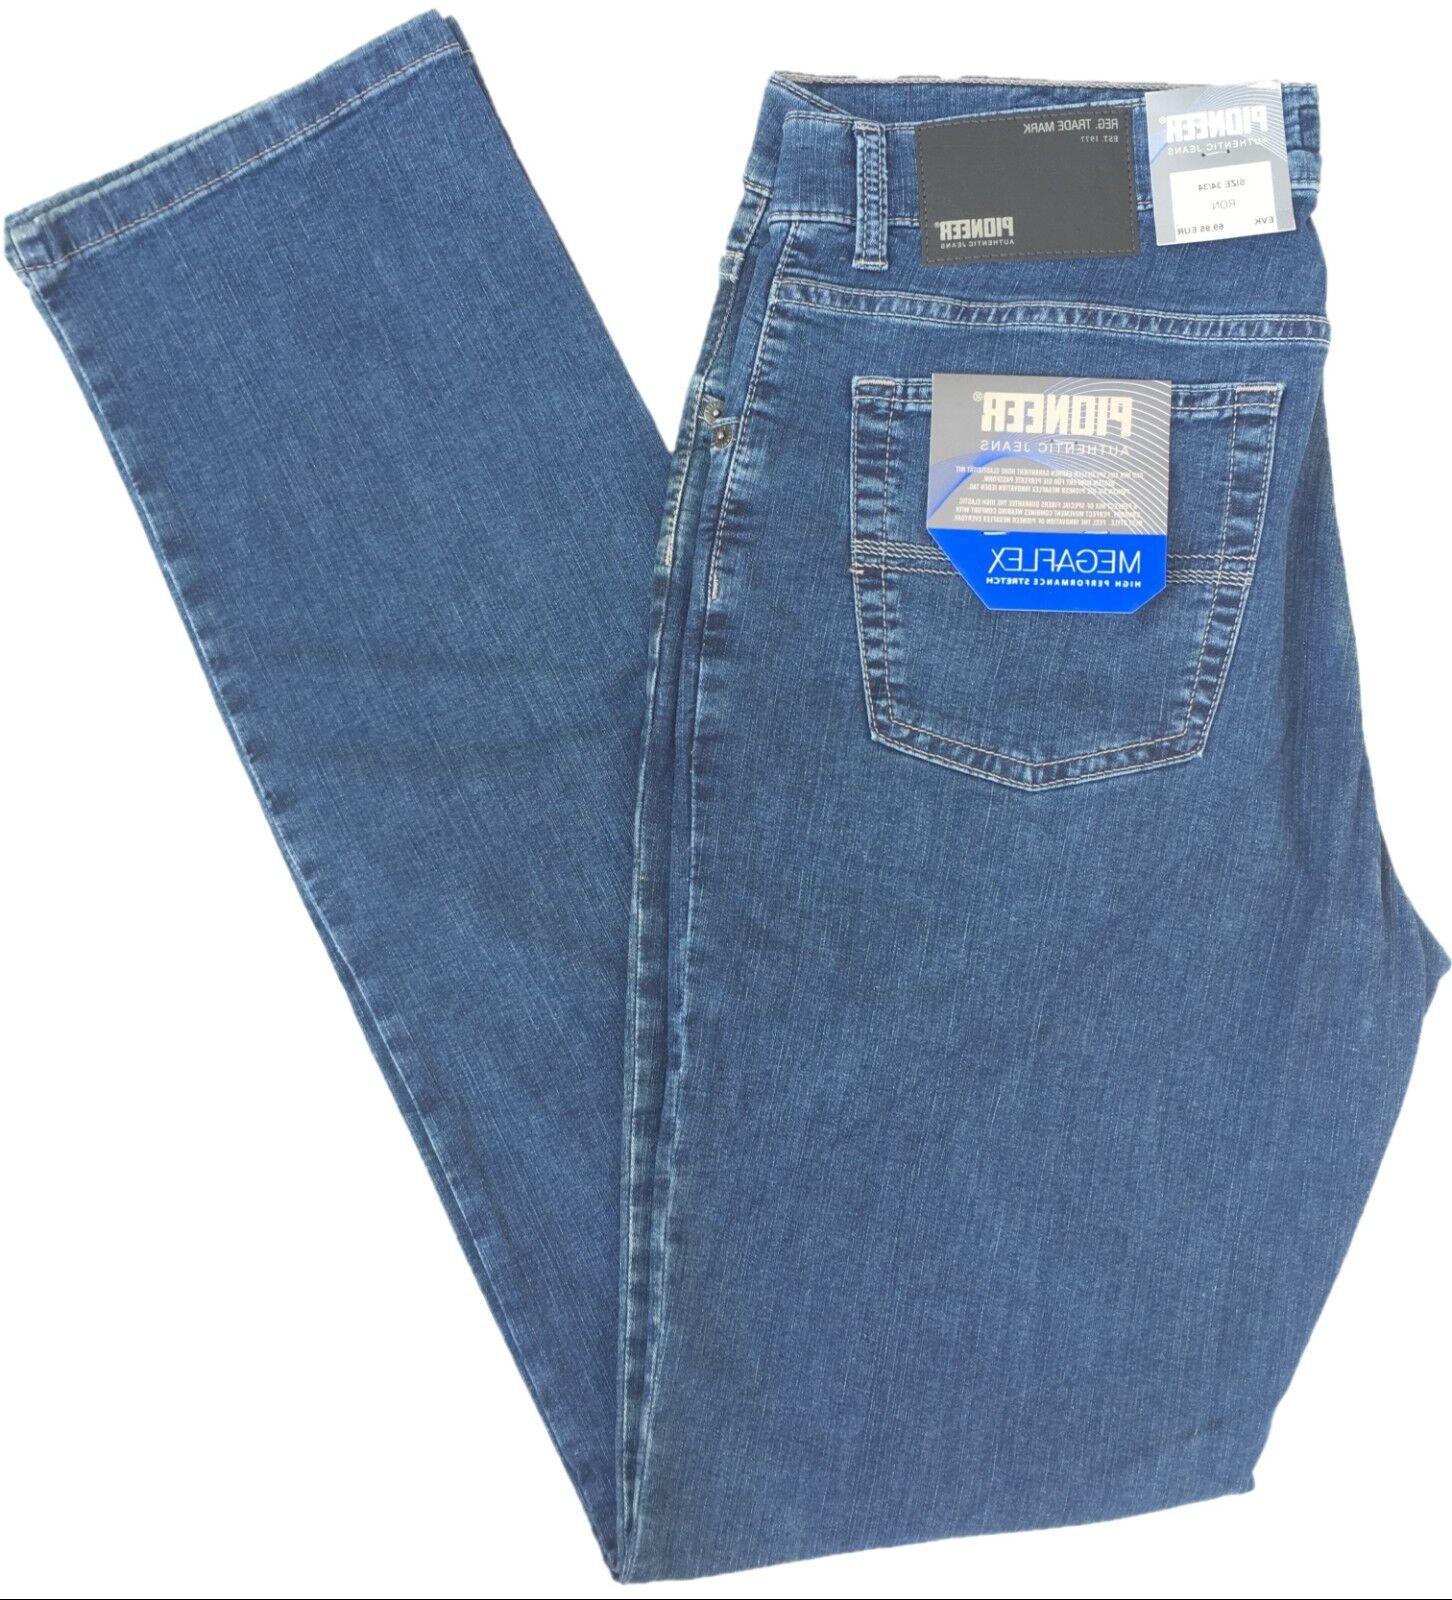 Pioneer Jeans Herren Hose STRETCH STRETCH STRETCH RANDO oder BAUMWOLLE STORM LAKE MEGAFLEX  | Deutschland Frankfurt  b6906c